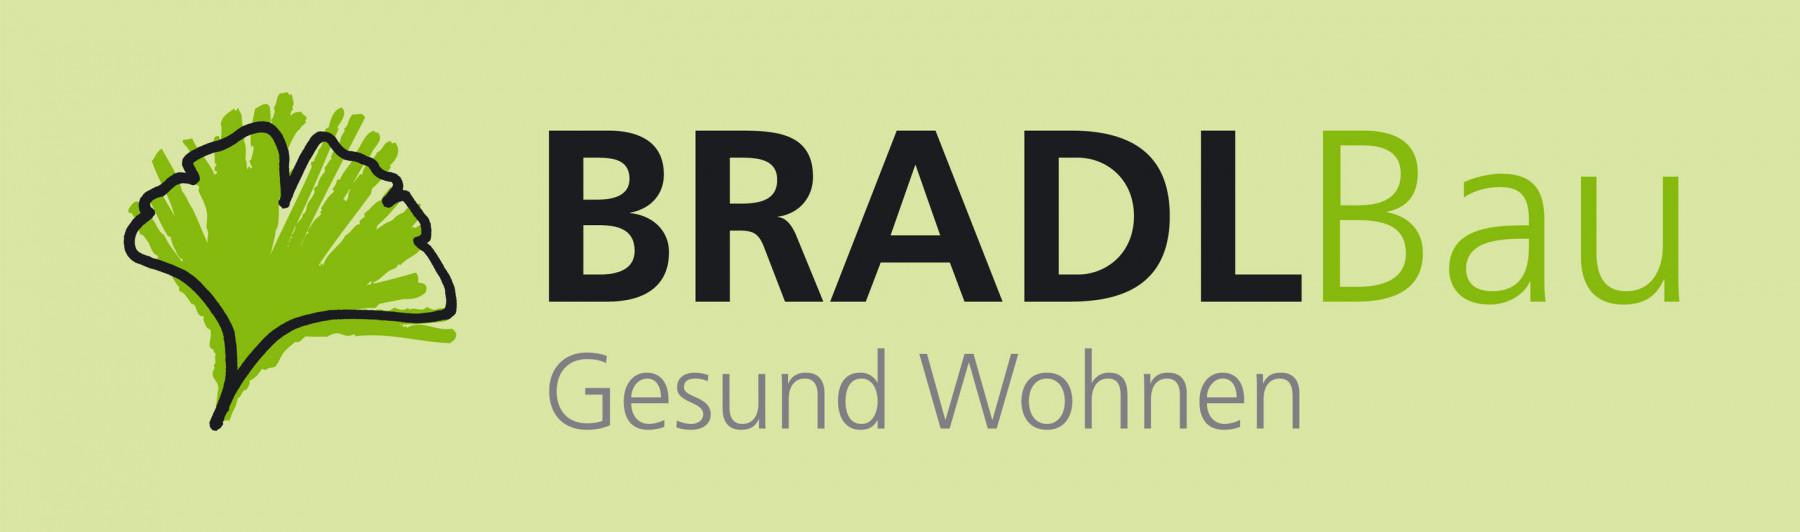 Bild Logo von: Bradl Bau